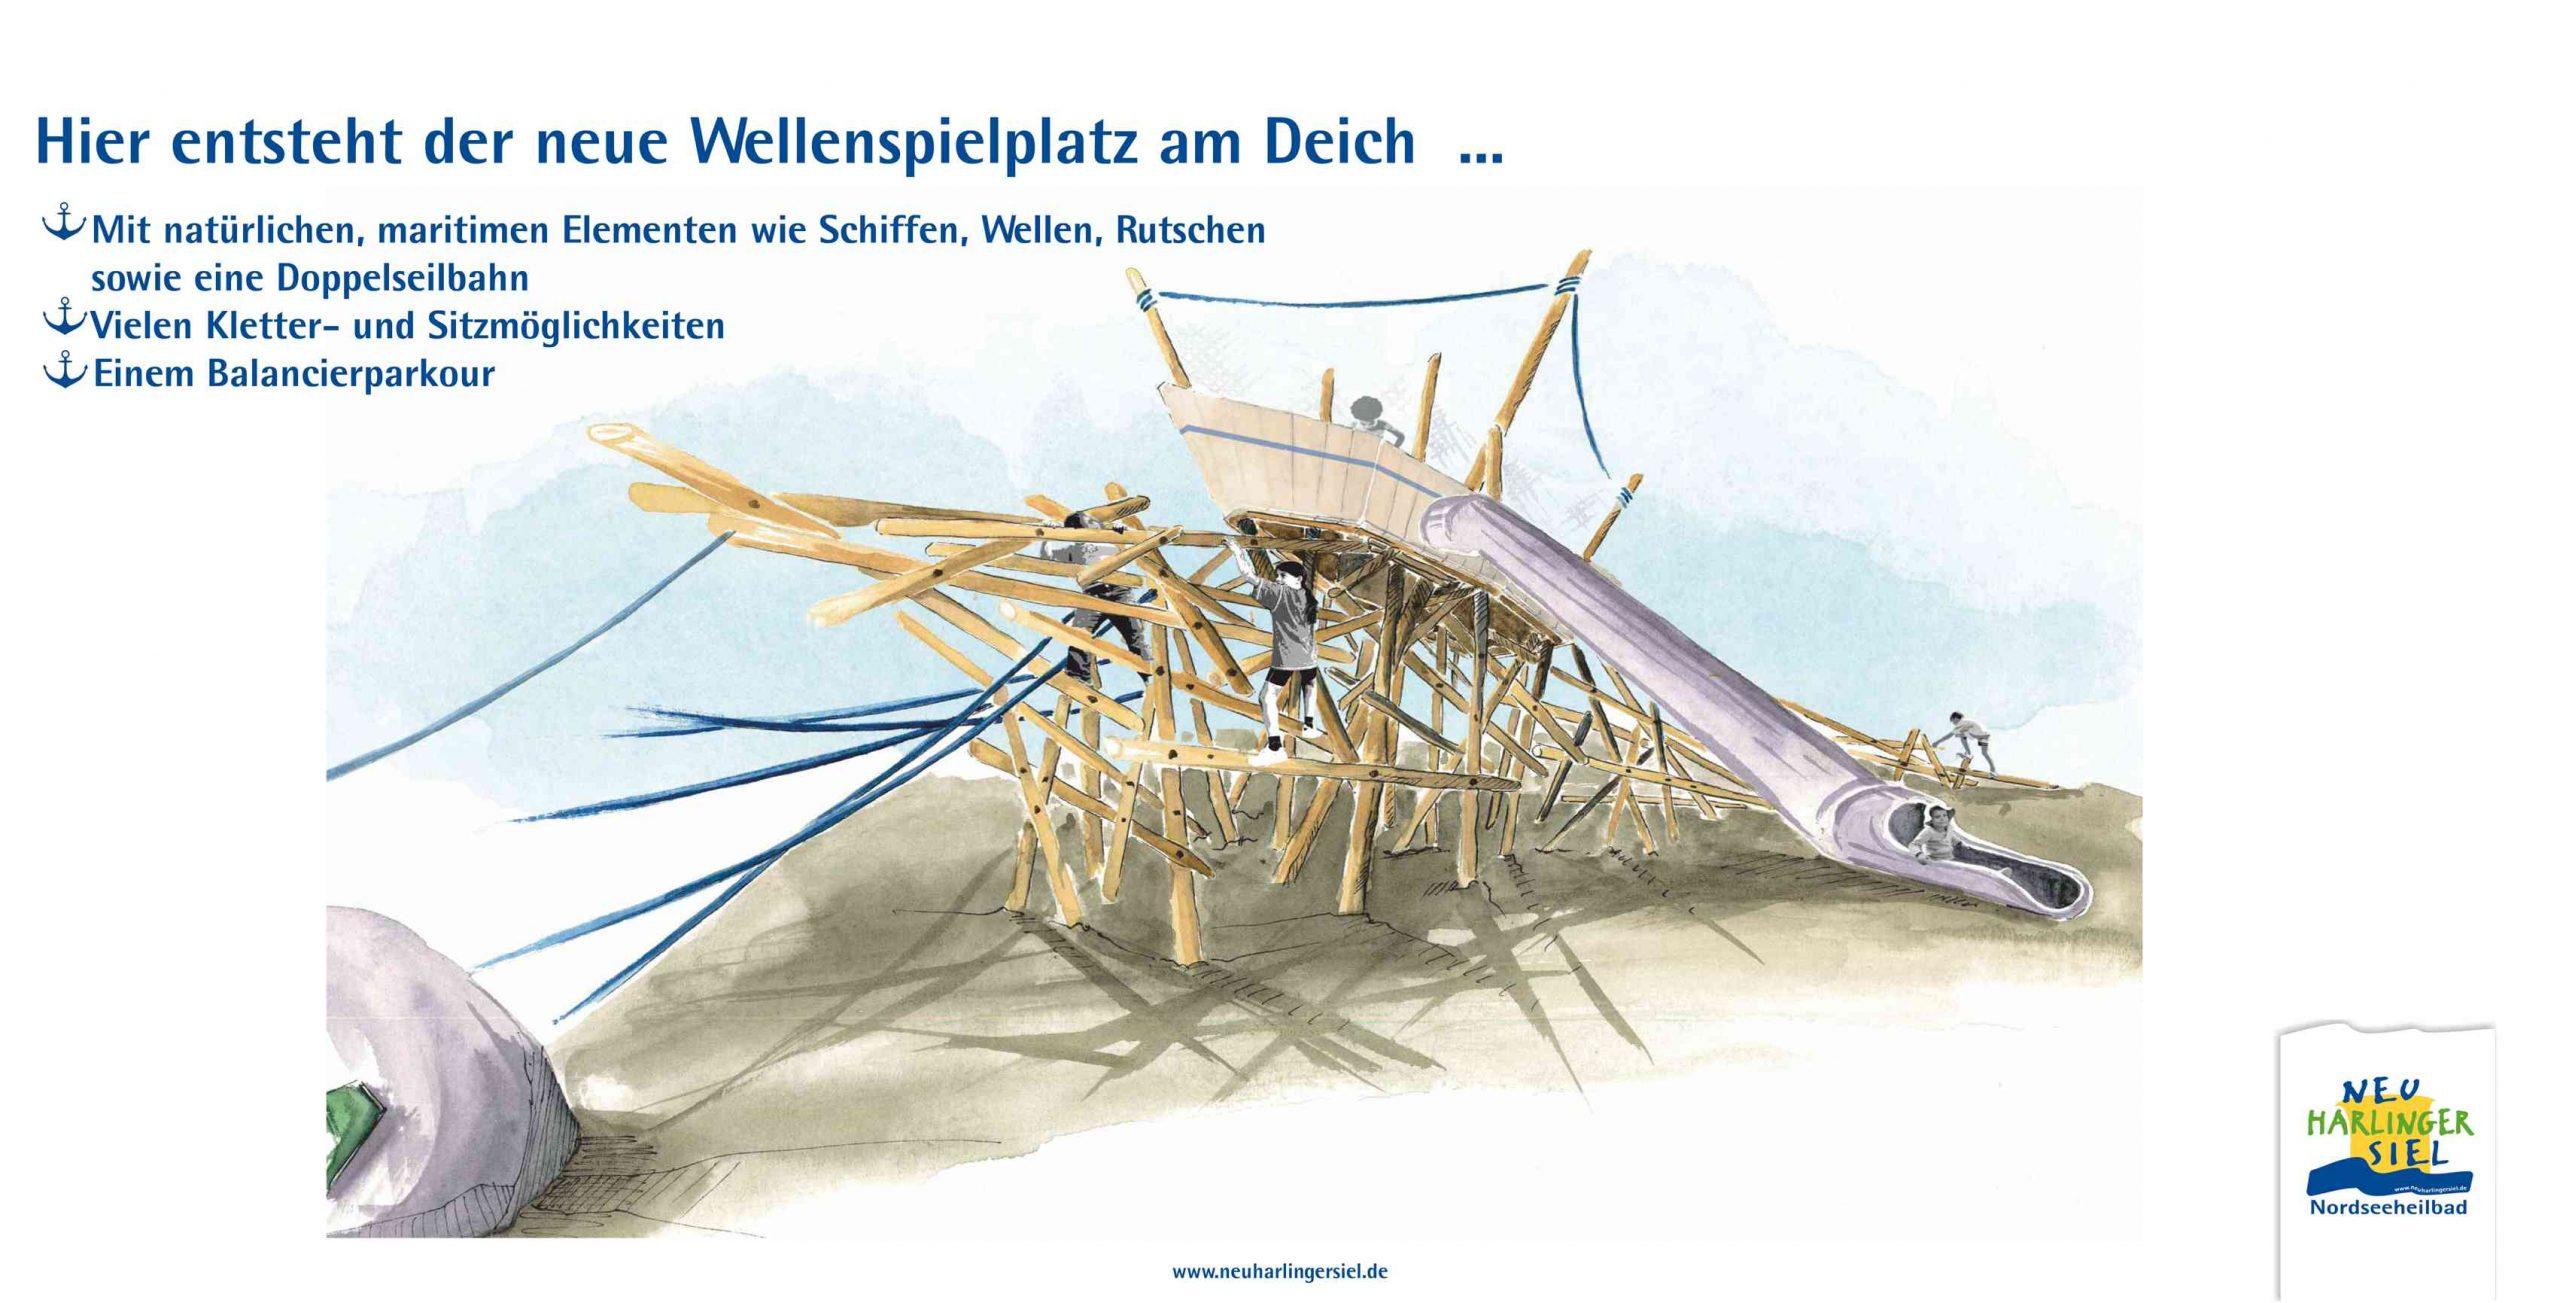 Wellenspielplatz am Deich(2)